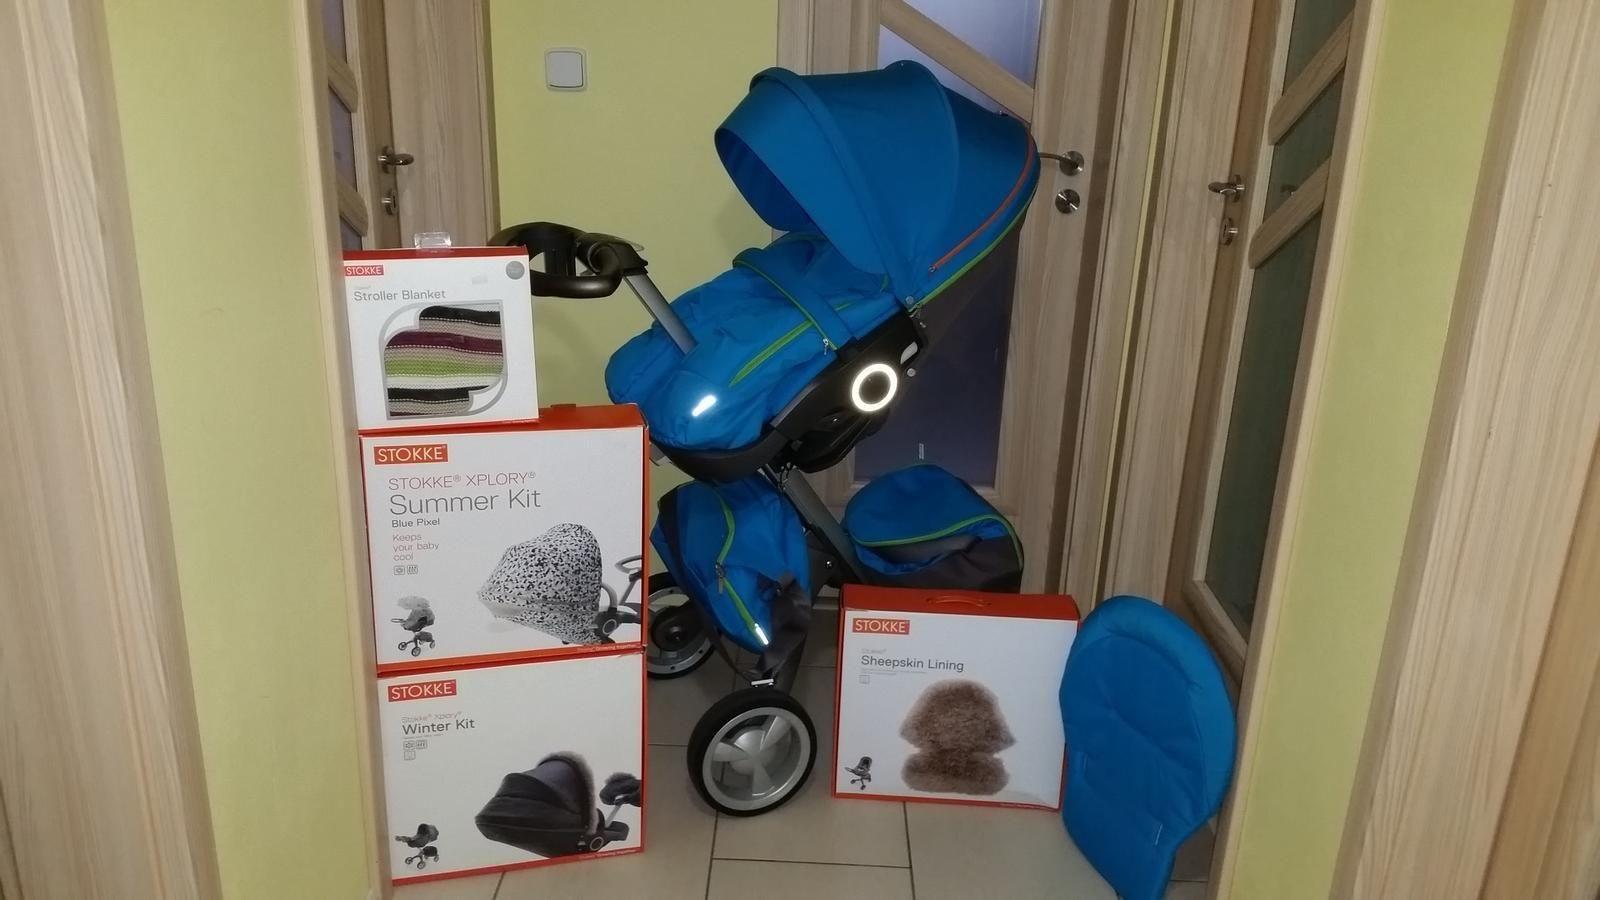 3 in 1 stokke xplory v4 with winter summer kits stokke mycarrier. Black Bedroom Furniture Sets. Home Design Ideas